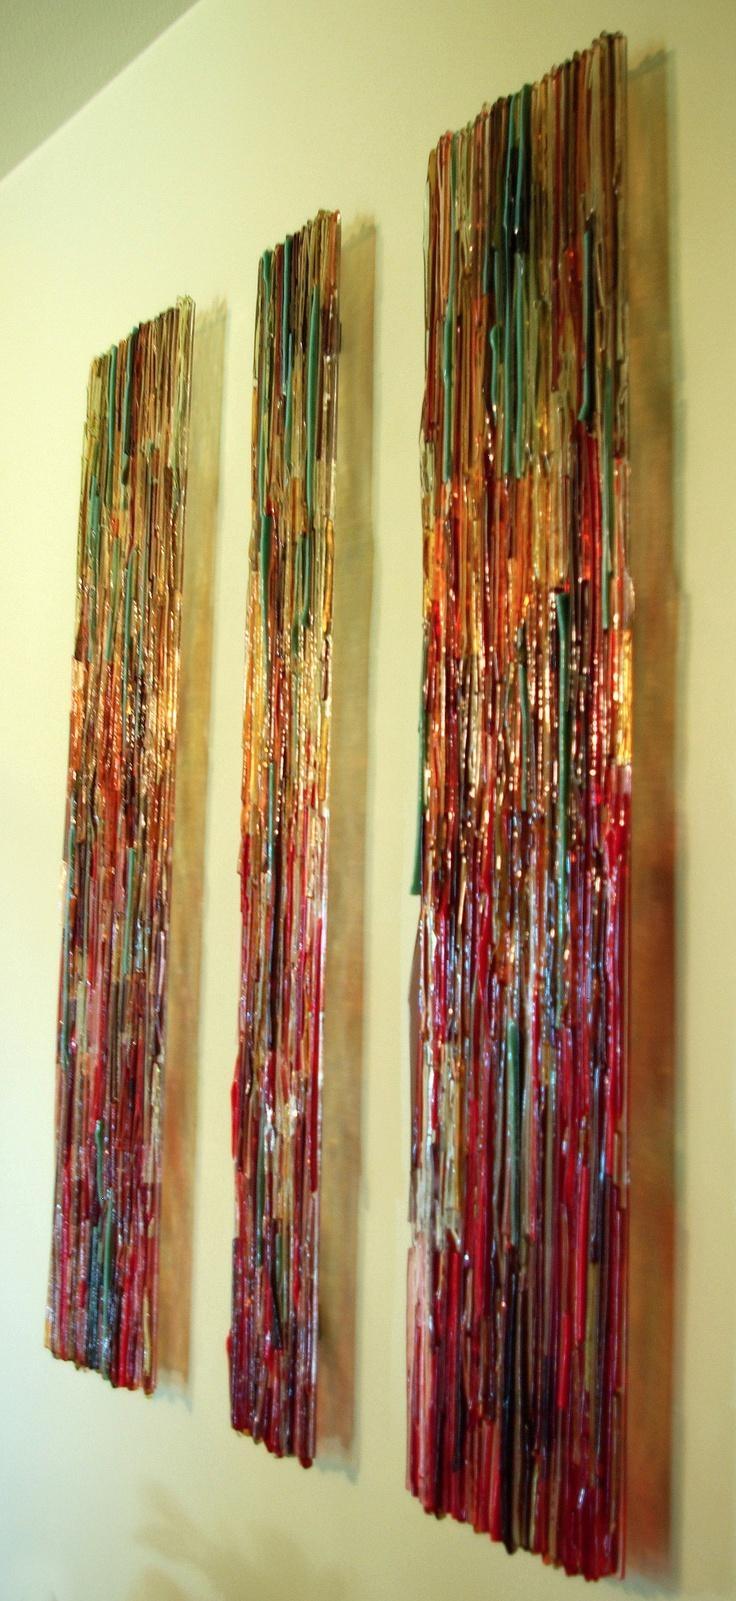 25+ Best Glass Wall Art Ideas On Pinterest | Glass Art, Fused Throughout Fused Glass Wall Art (View 4 of 20)